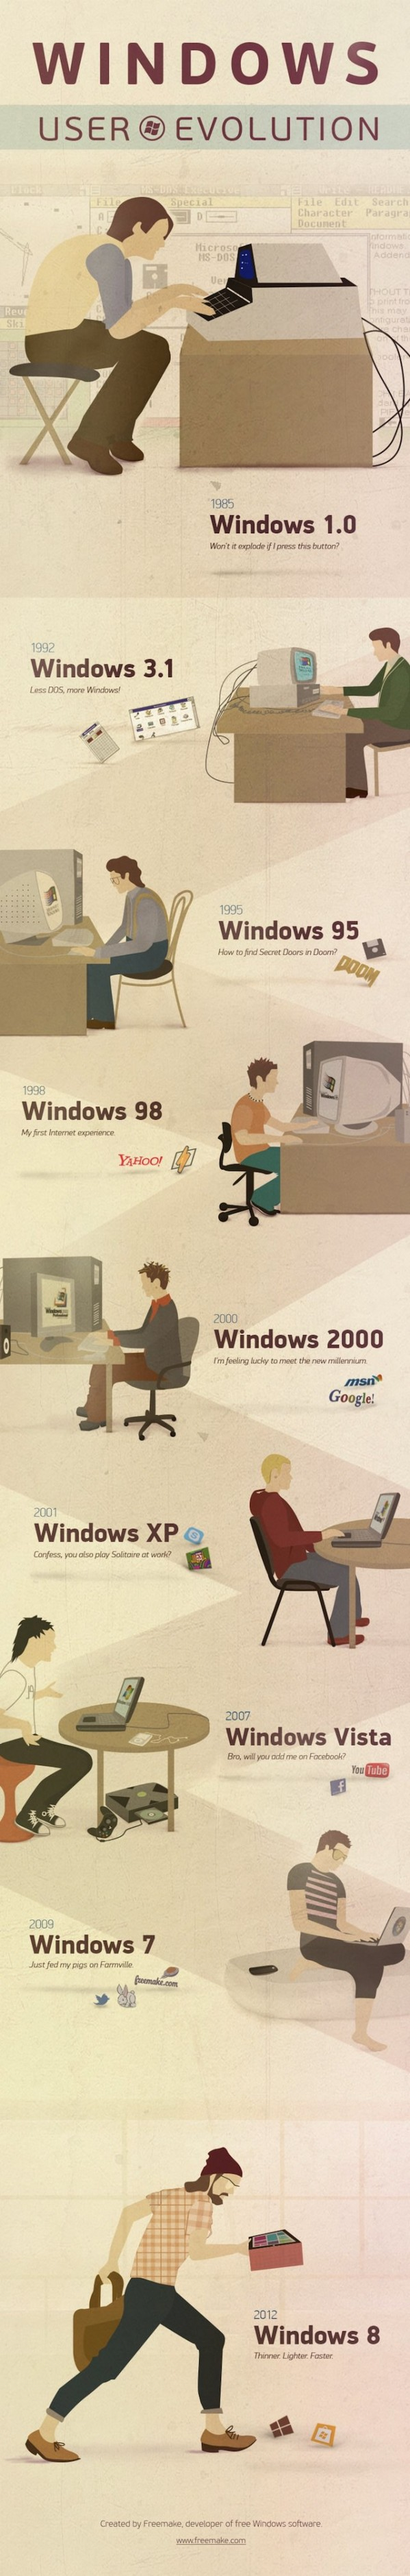 Infografia La evolución del usuario de Windows